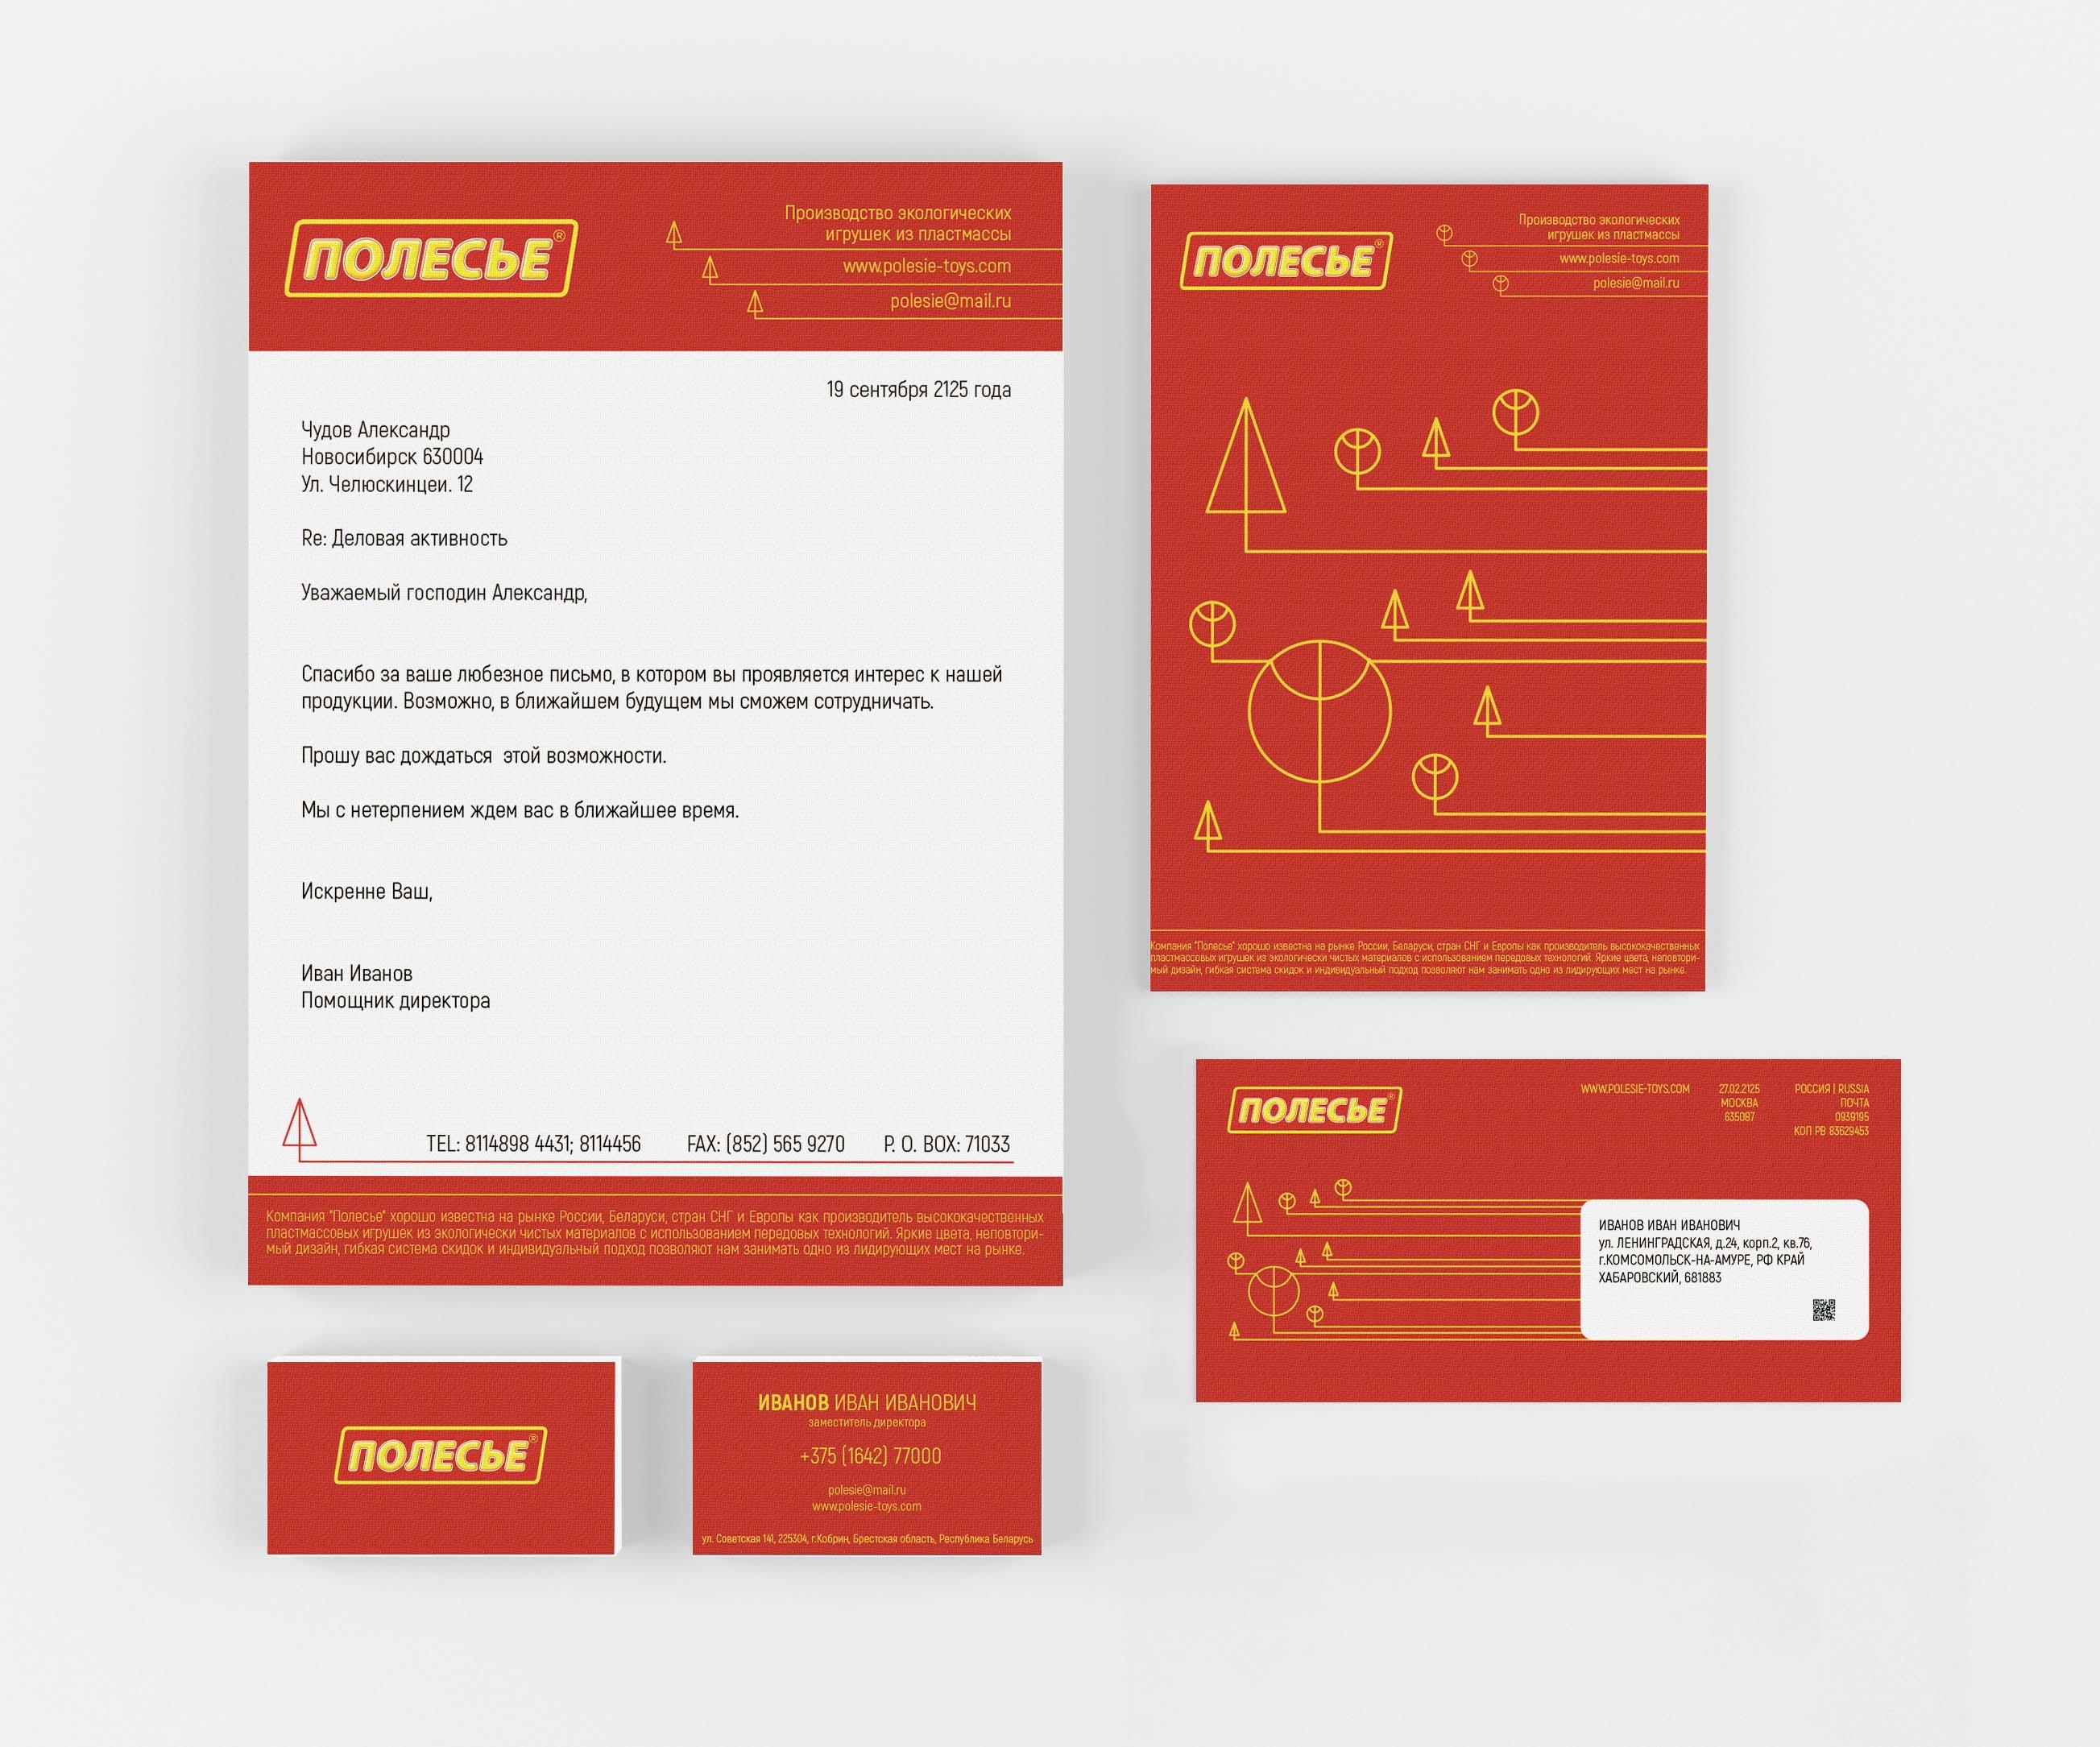 Разработка фирменного стиля на основании готового логотипа фото f_1865aa66480a9029.jpg